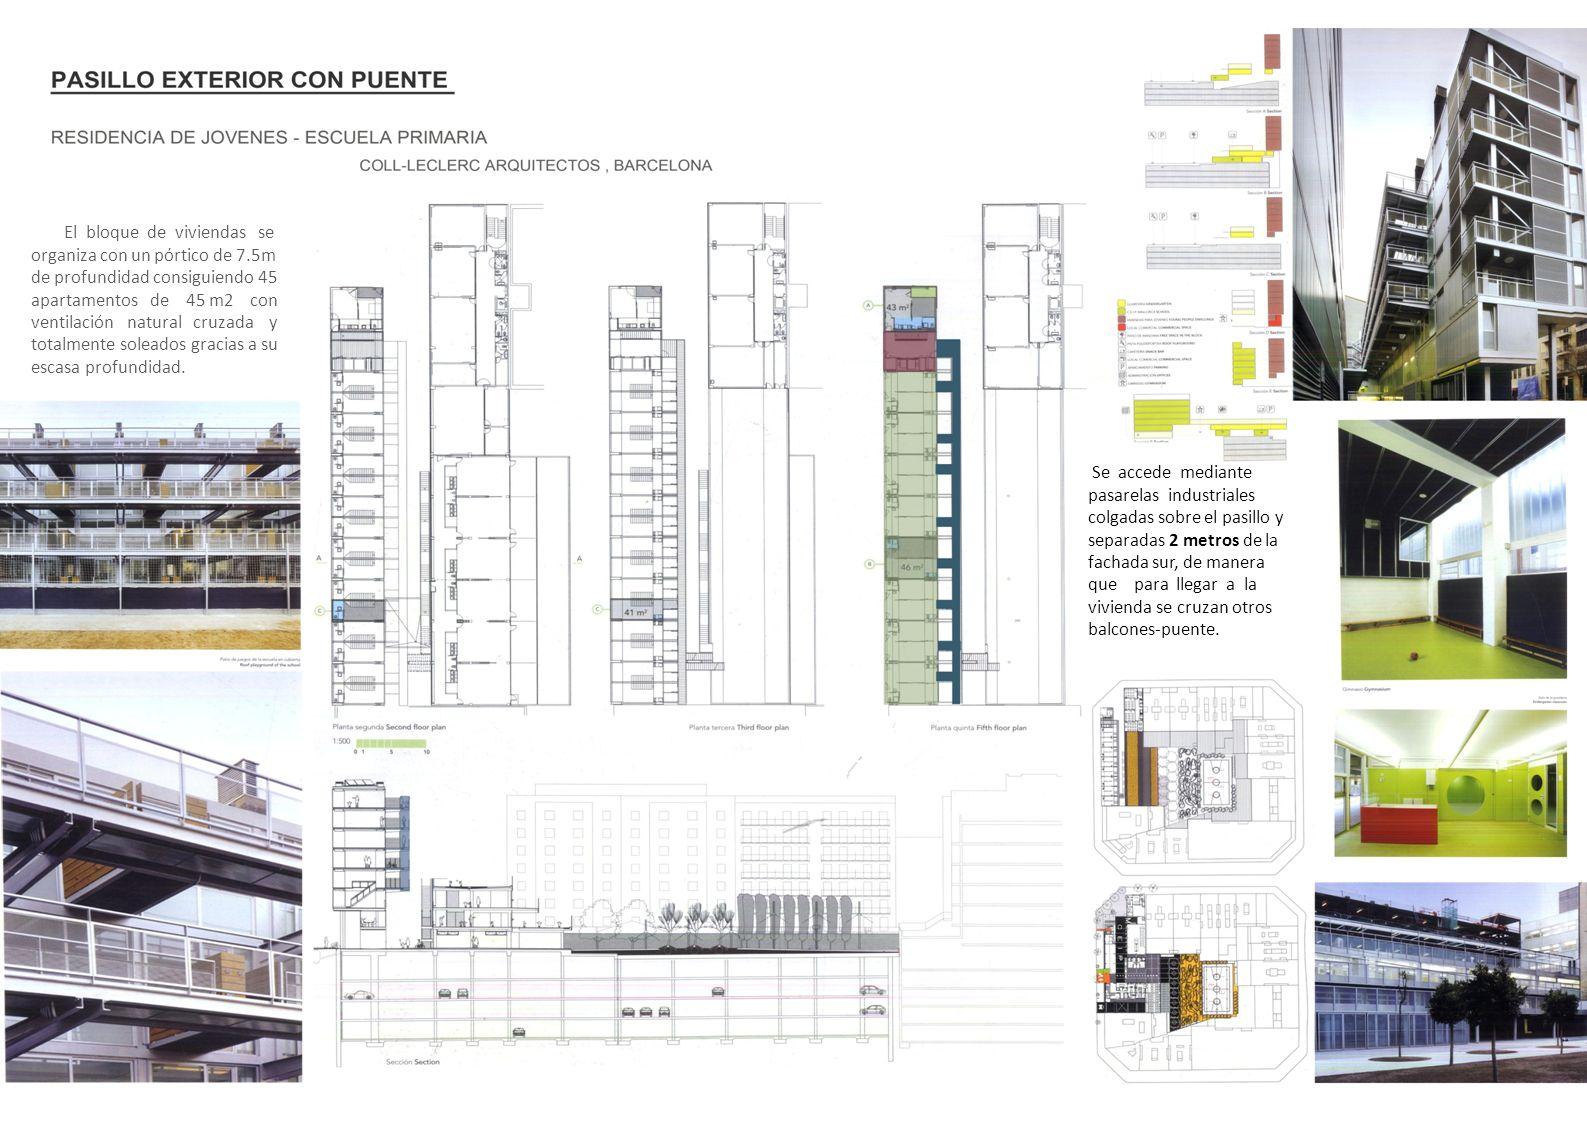 El bloque de viviendas se organiza con un pόrtico de 7.5m de profundidad consiguiendo 45 apartamentos de 45 m2 con ventilación natural cruzada y total